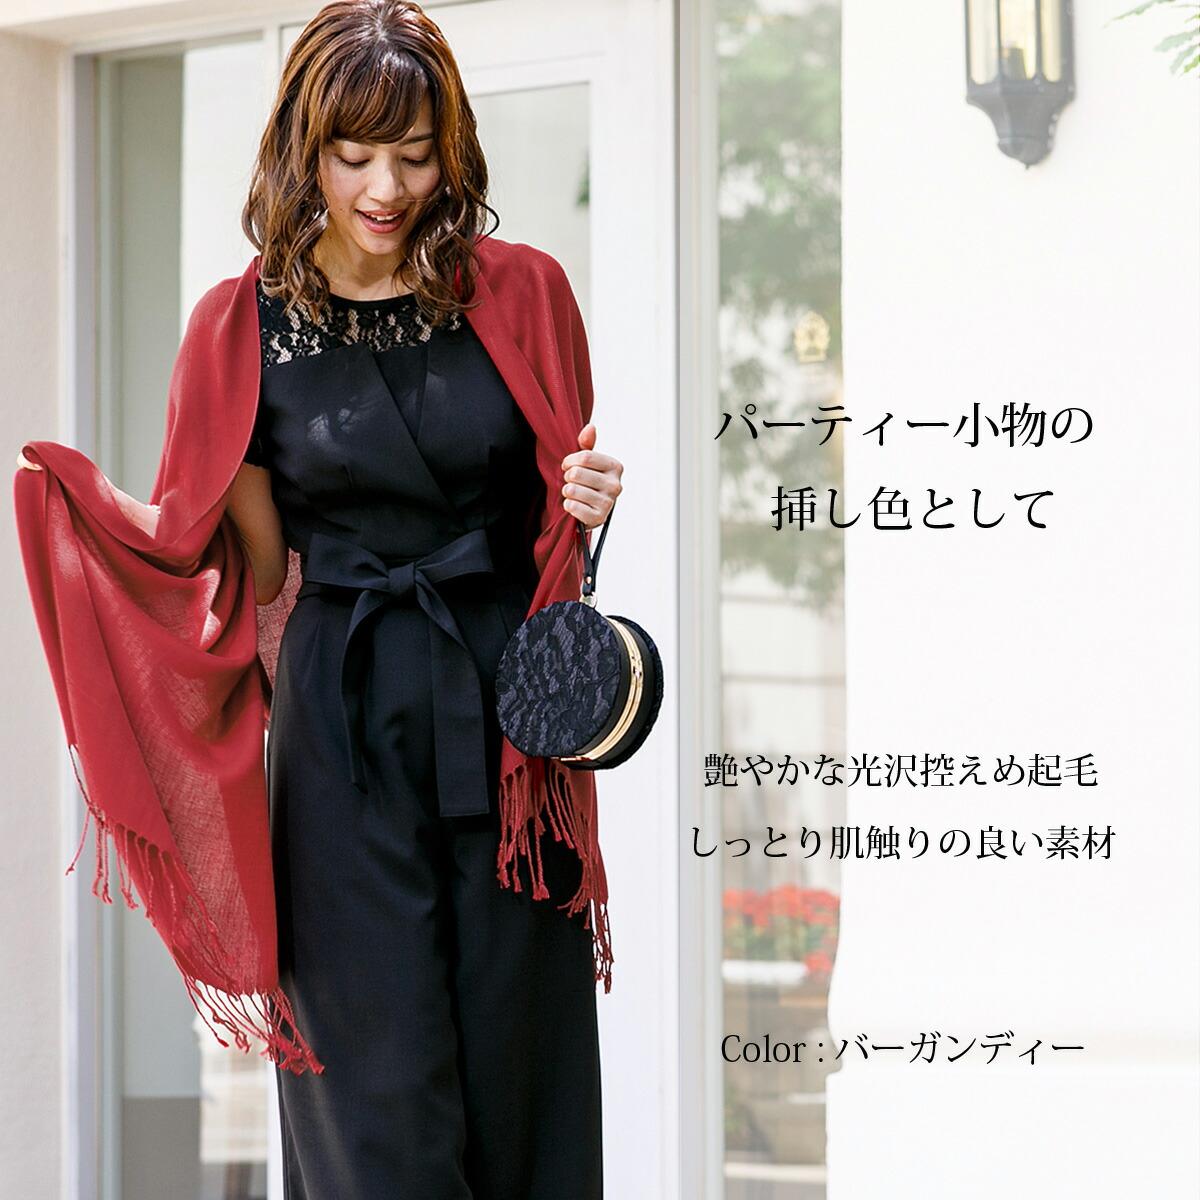 ドレスの羽織り物